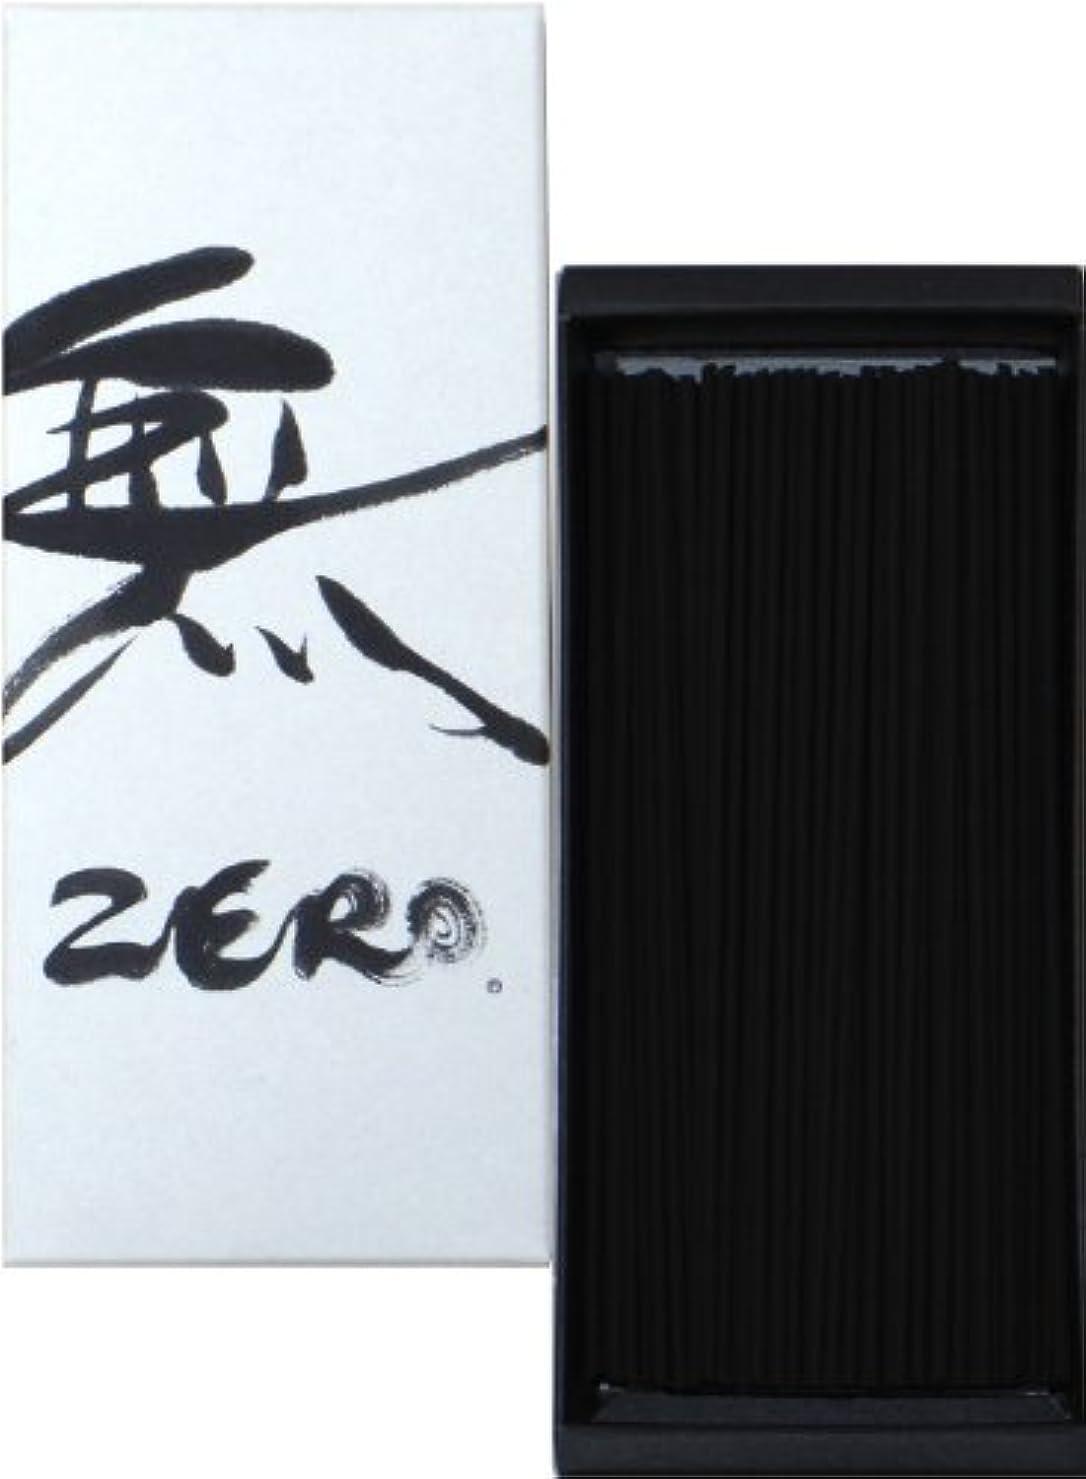 唇リスク病な丸叶むらたのお線香 無 ZERO(ゼロ)中バラ 約80g #ZR-02